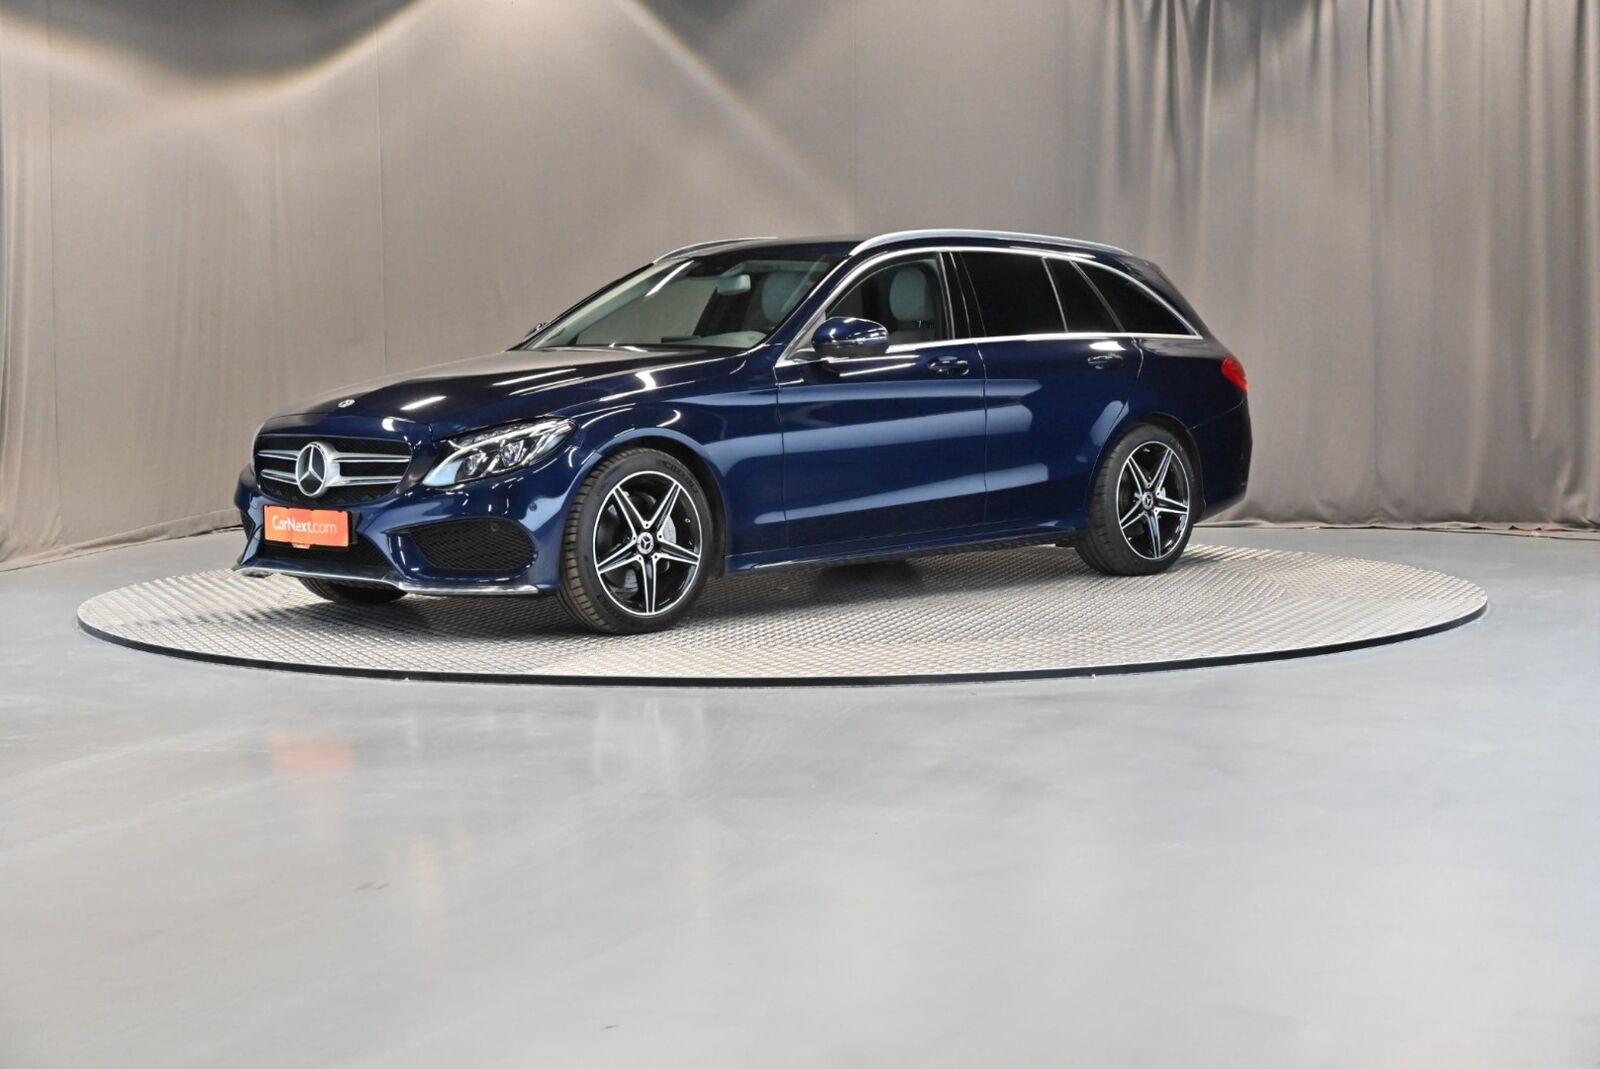 Mercedes C220 d 2,2 Edition C stc. aut. 5d - 369.900 kr.